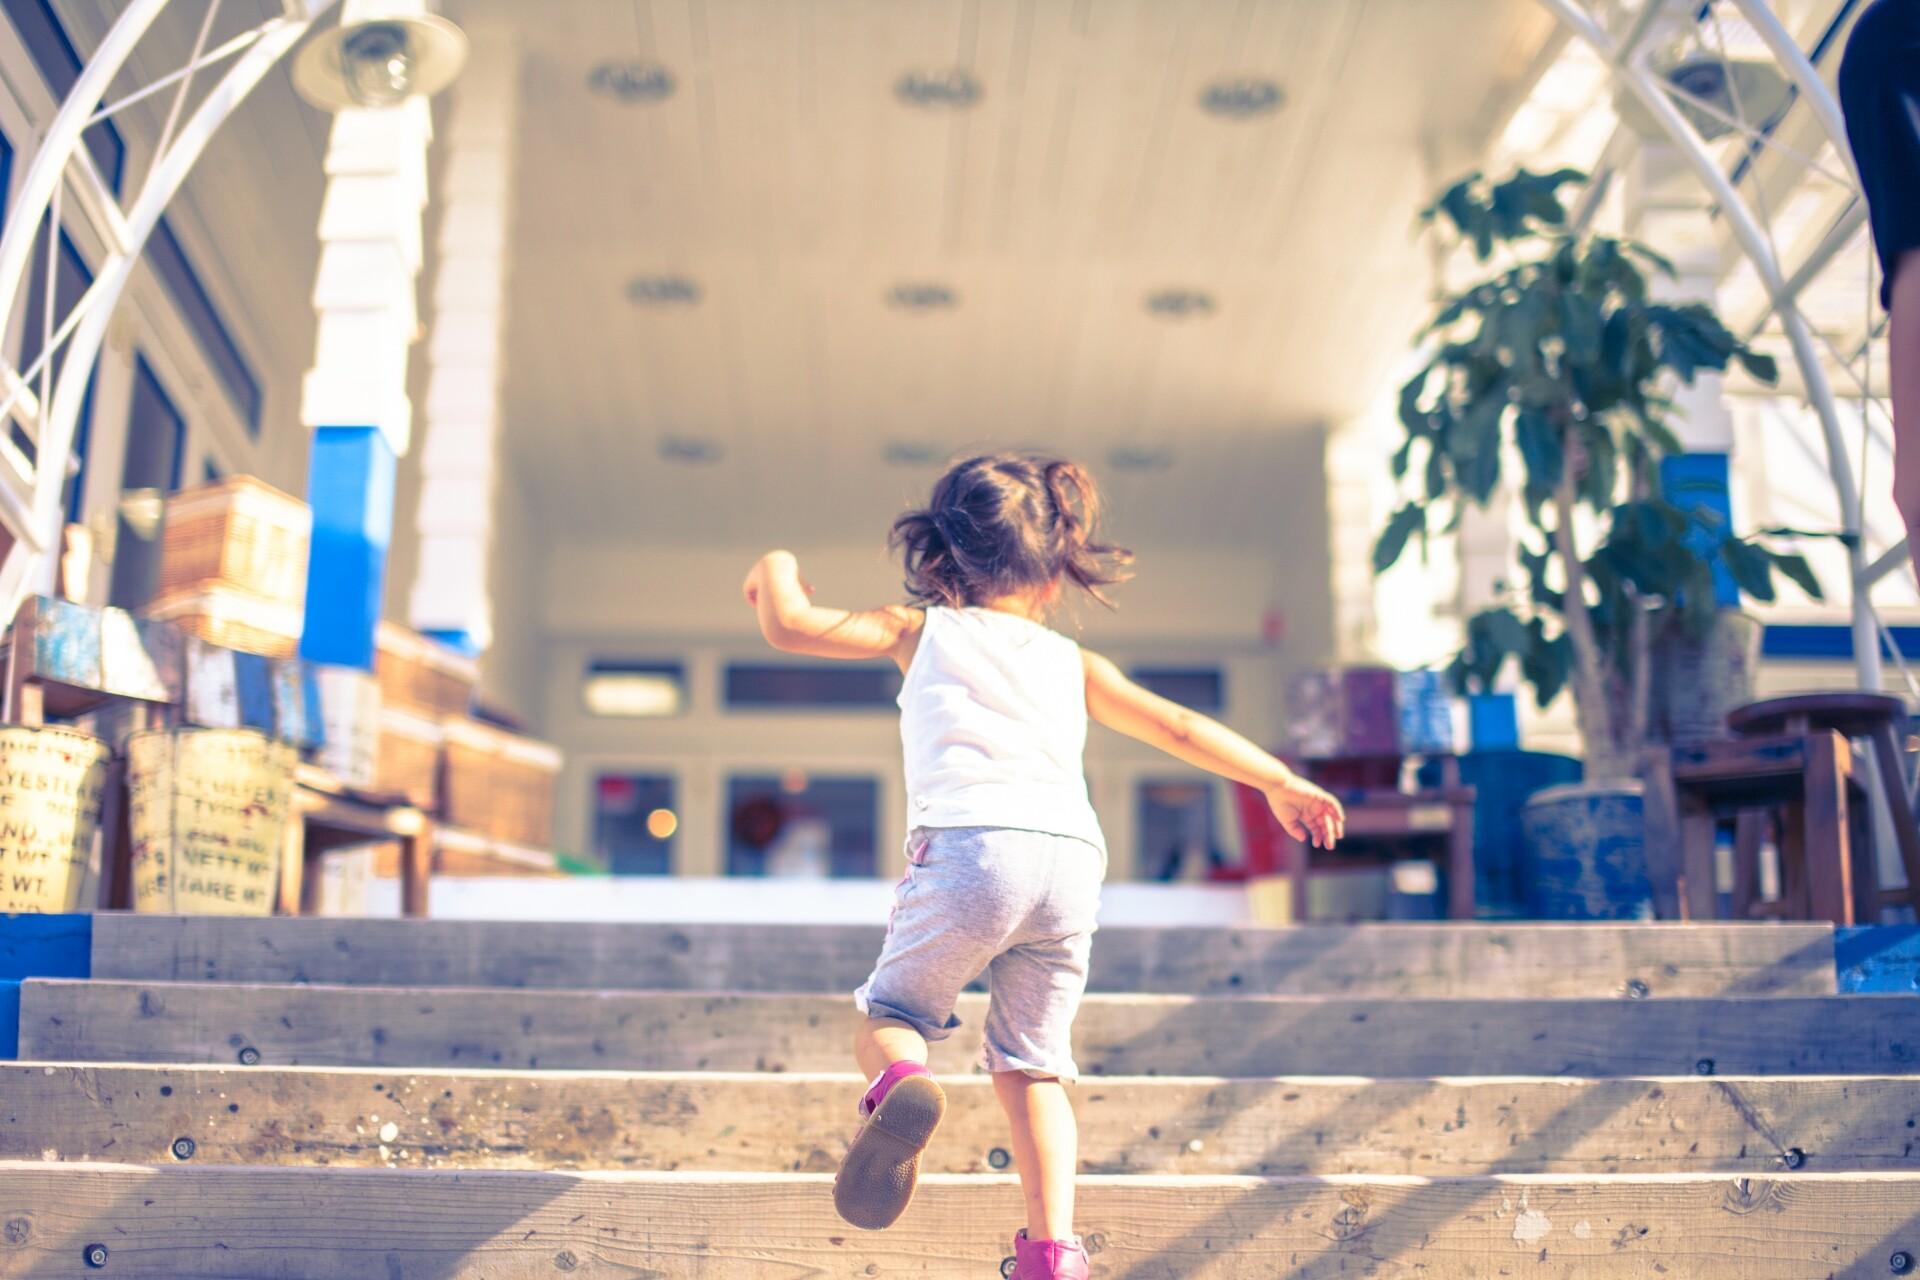 広告戦略を活用した子供向けイベントやファミリー向けイベントのプロモーション企画